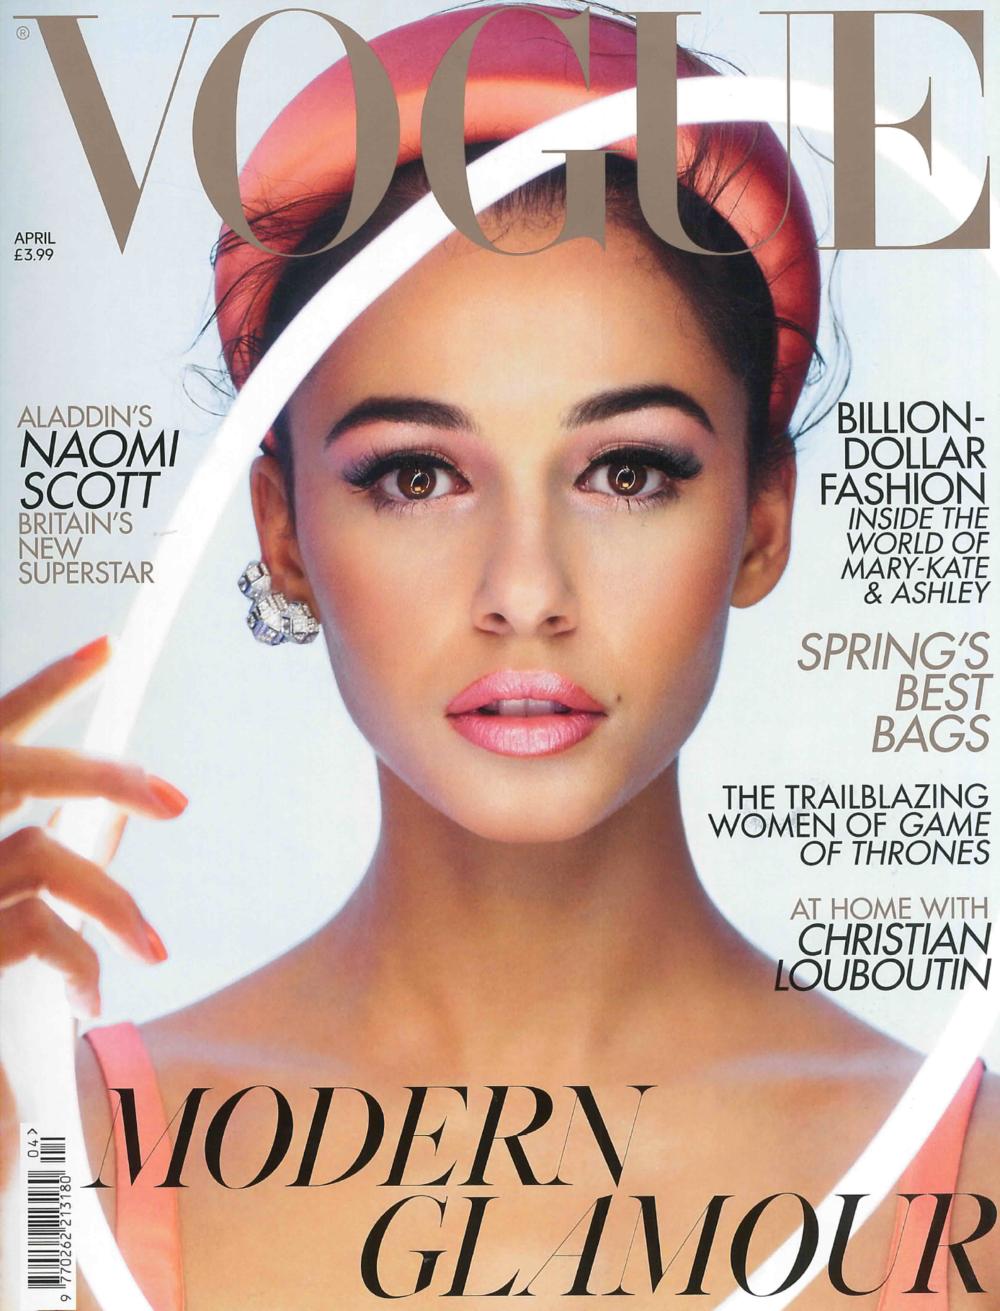 Vogue- April 2019